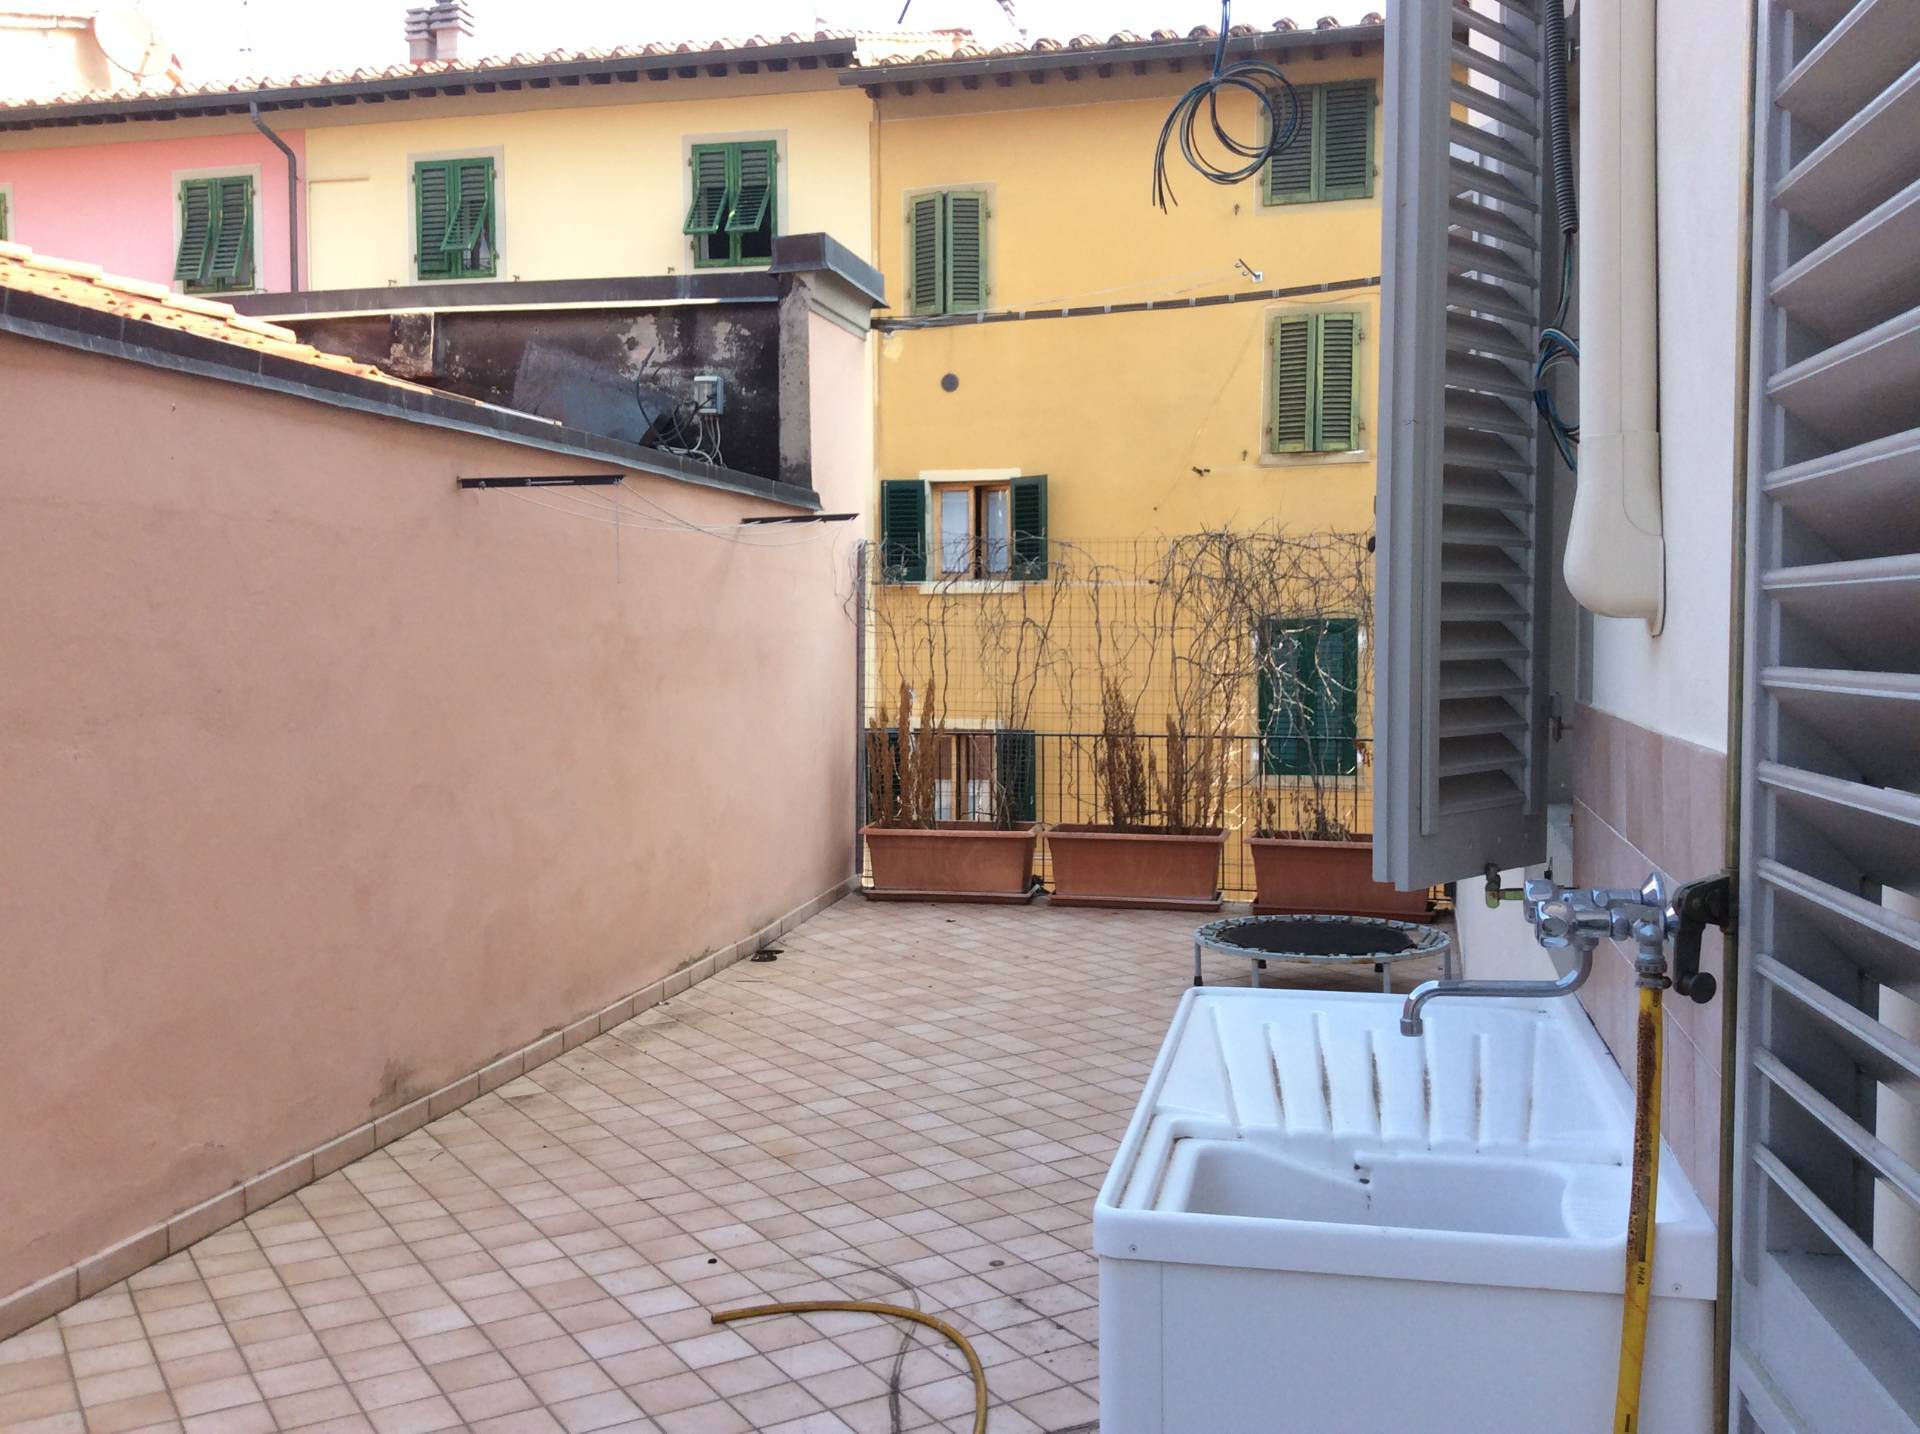 Immobile a San Giovanni Valdarno